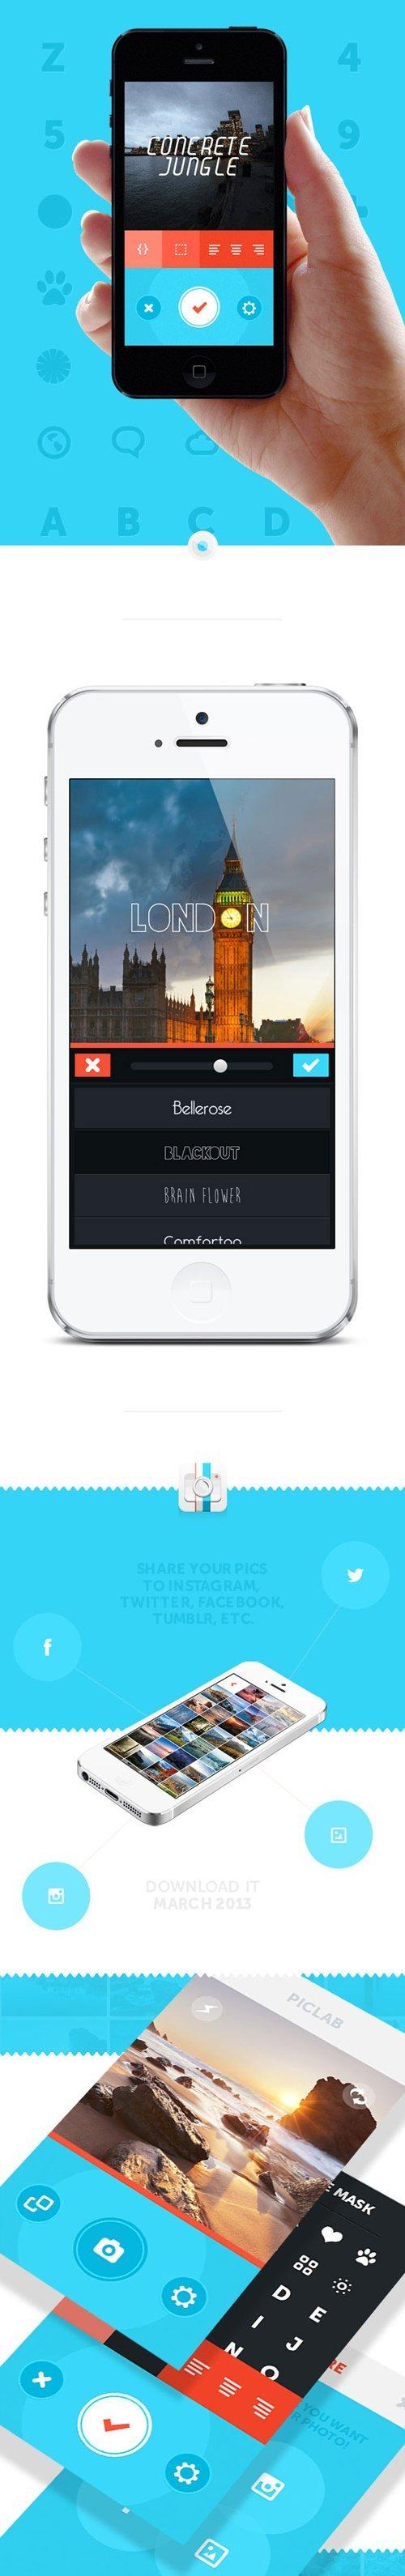 手机界面设计UI/UX-26